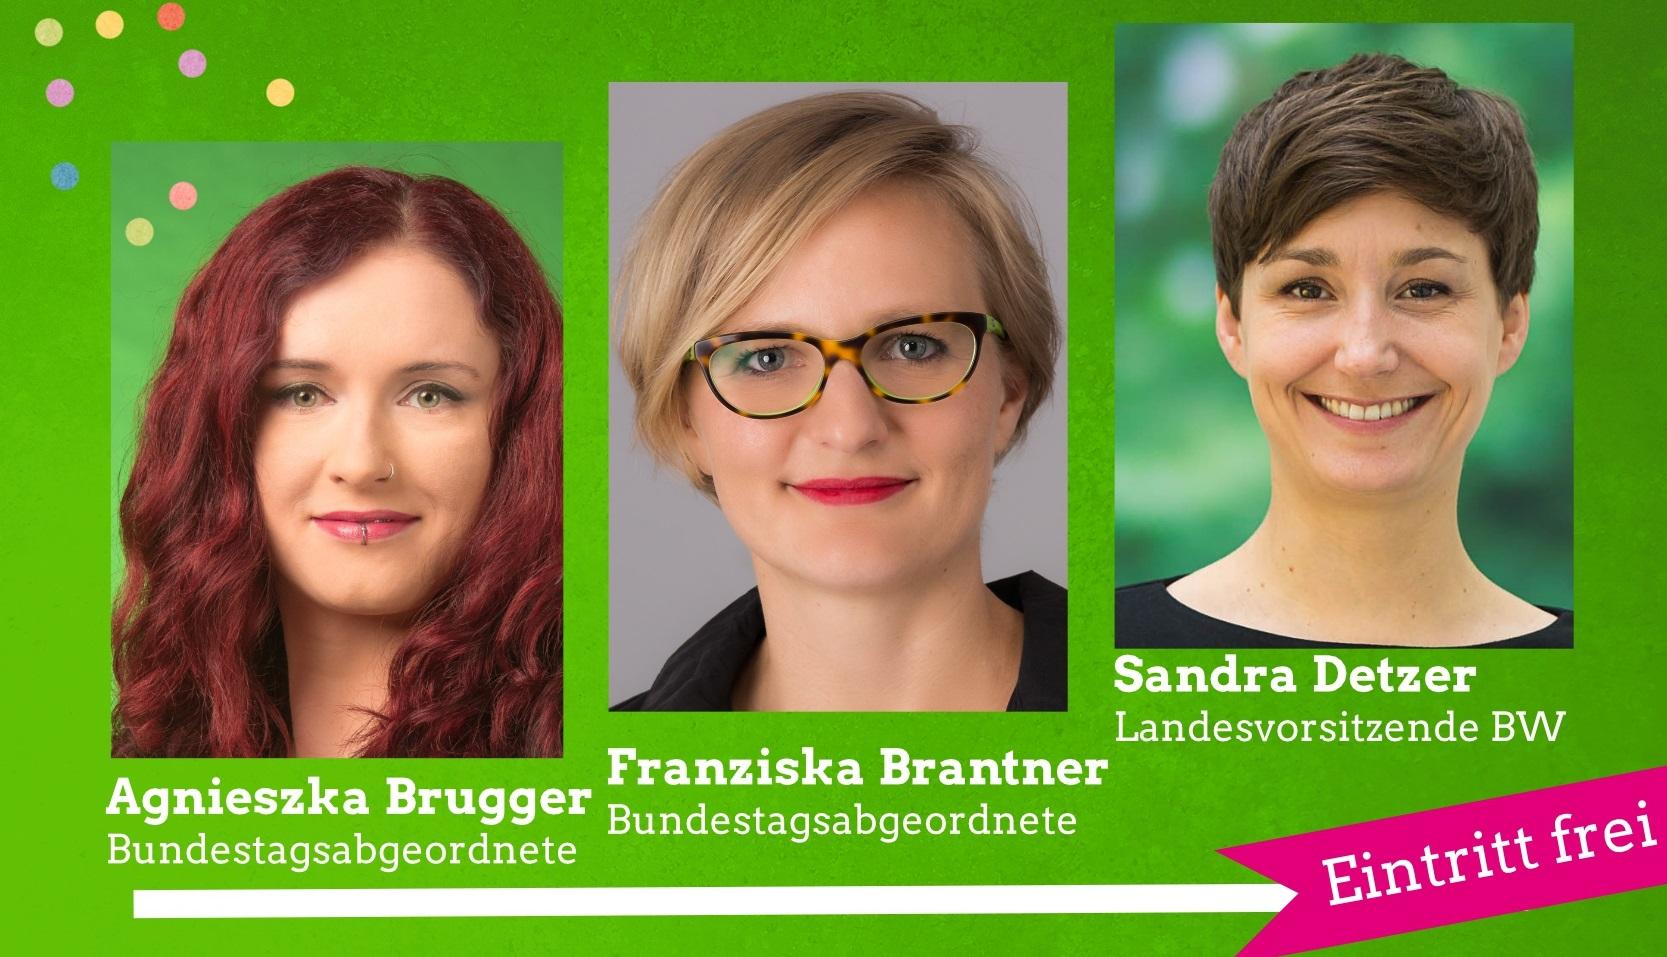 GRÜNER Politischer Aschermittwoch am 14. Februar 2018 mit Agnieszka Brugger, Franziska Brantner und Sandra Detzer